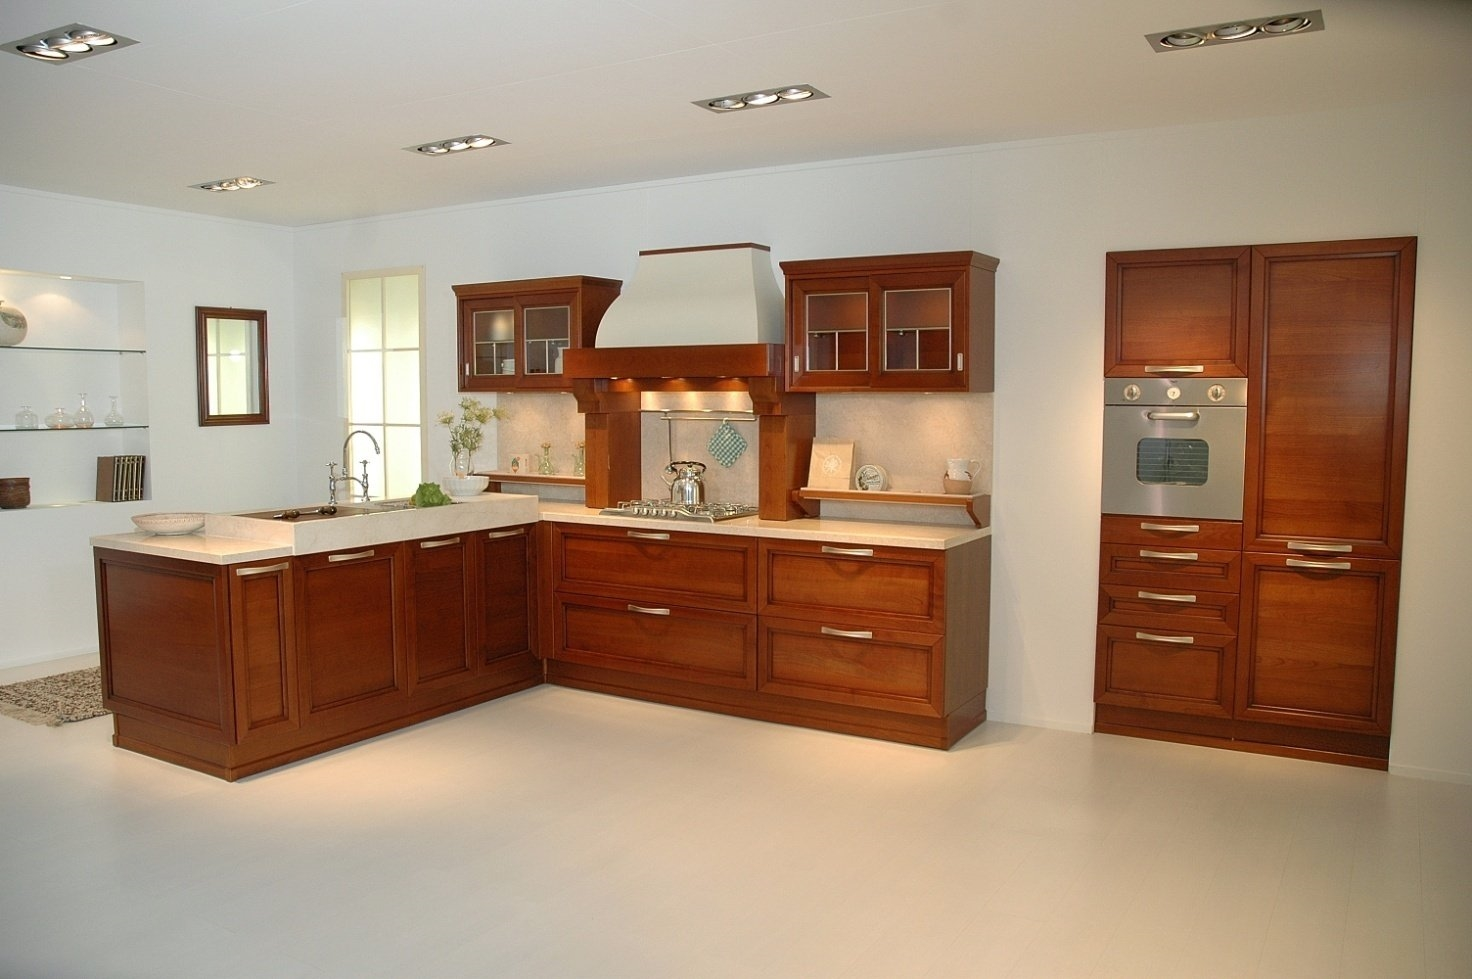 Cucina Snaidero Certosa Con Ante In Legno Ciliegio Come In Foto.Top In  #4B1F0D 1472 979 Veneta Cucine O Snaidero